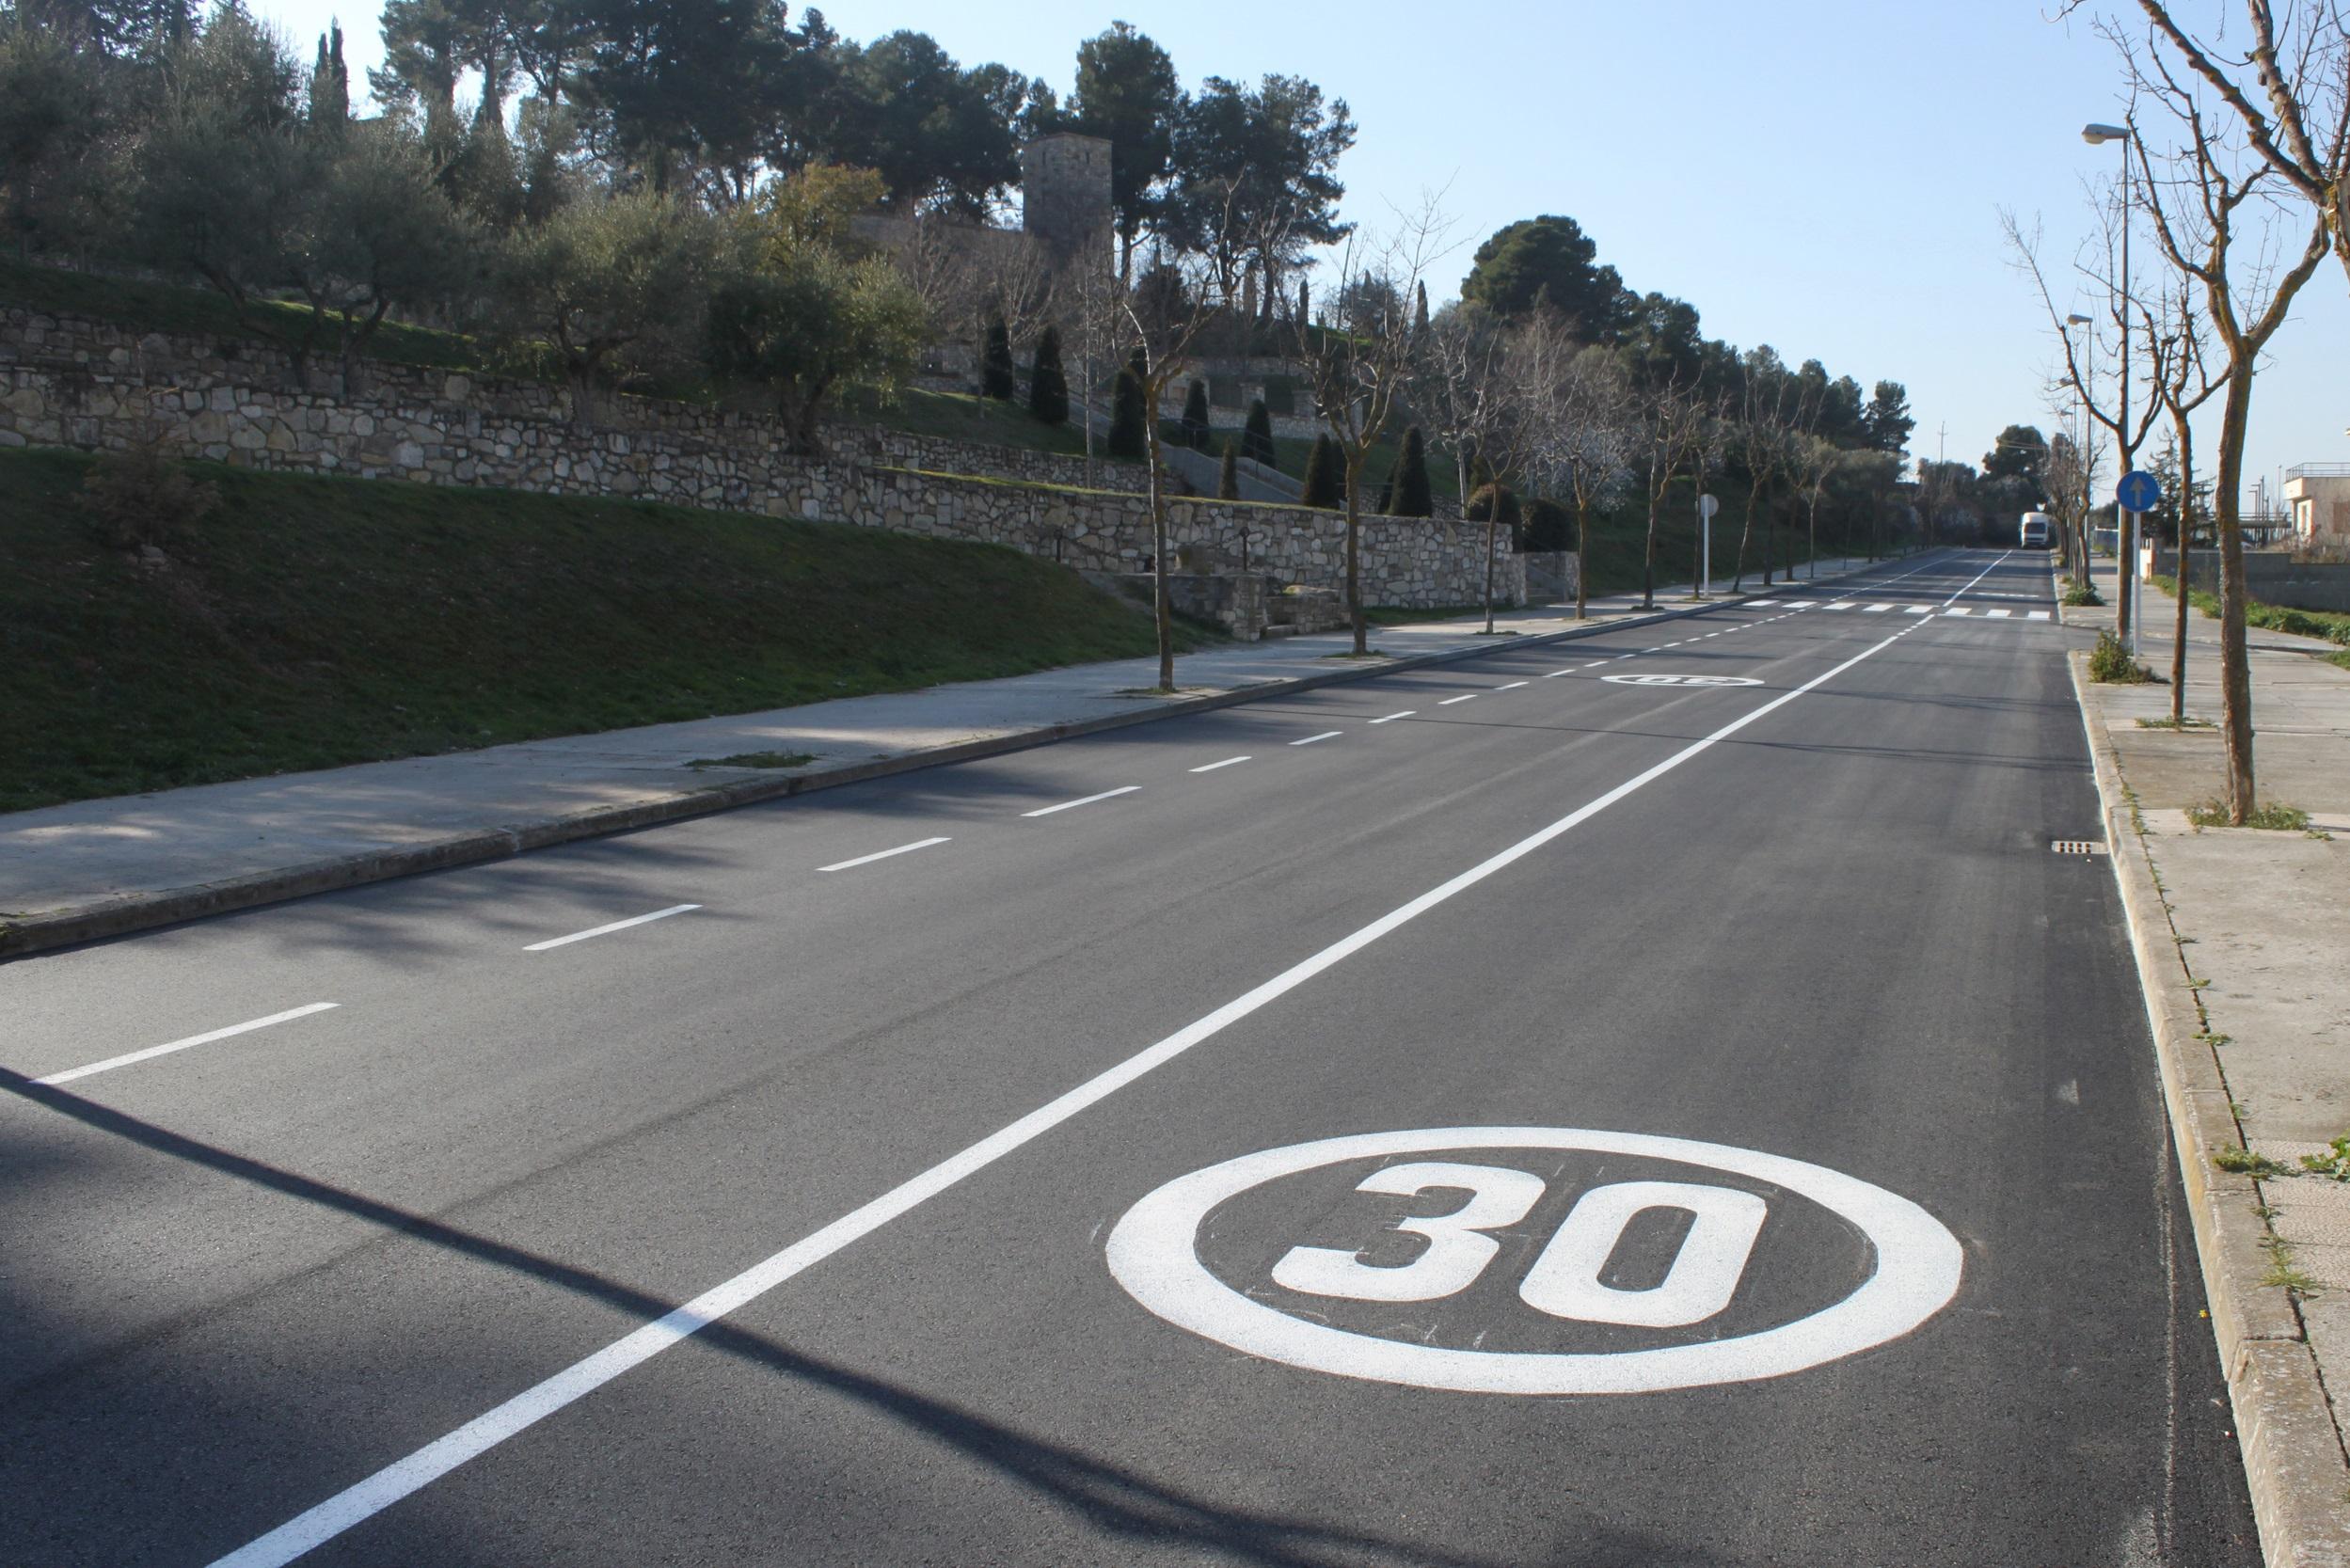 L'Ajuntament de Tàrrega finalitza els treballs de millora del carrer de Les Oliveres